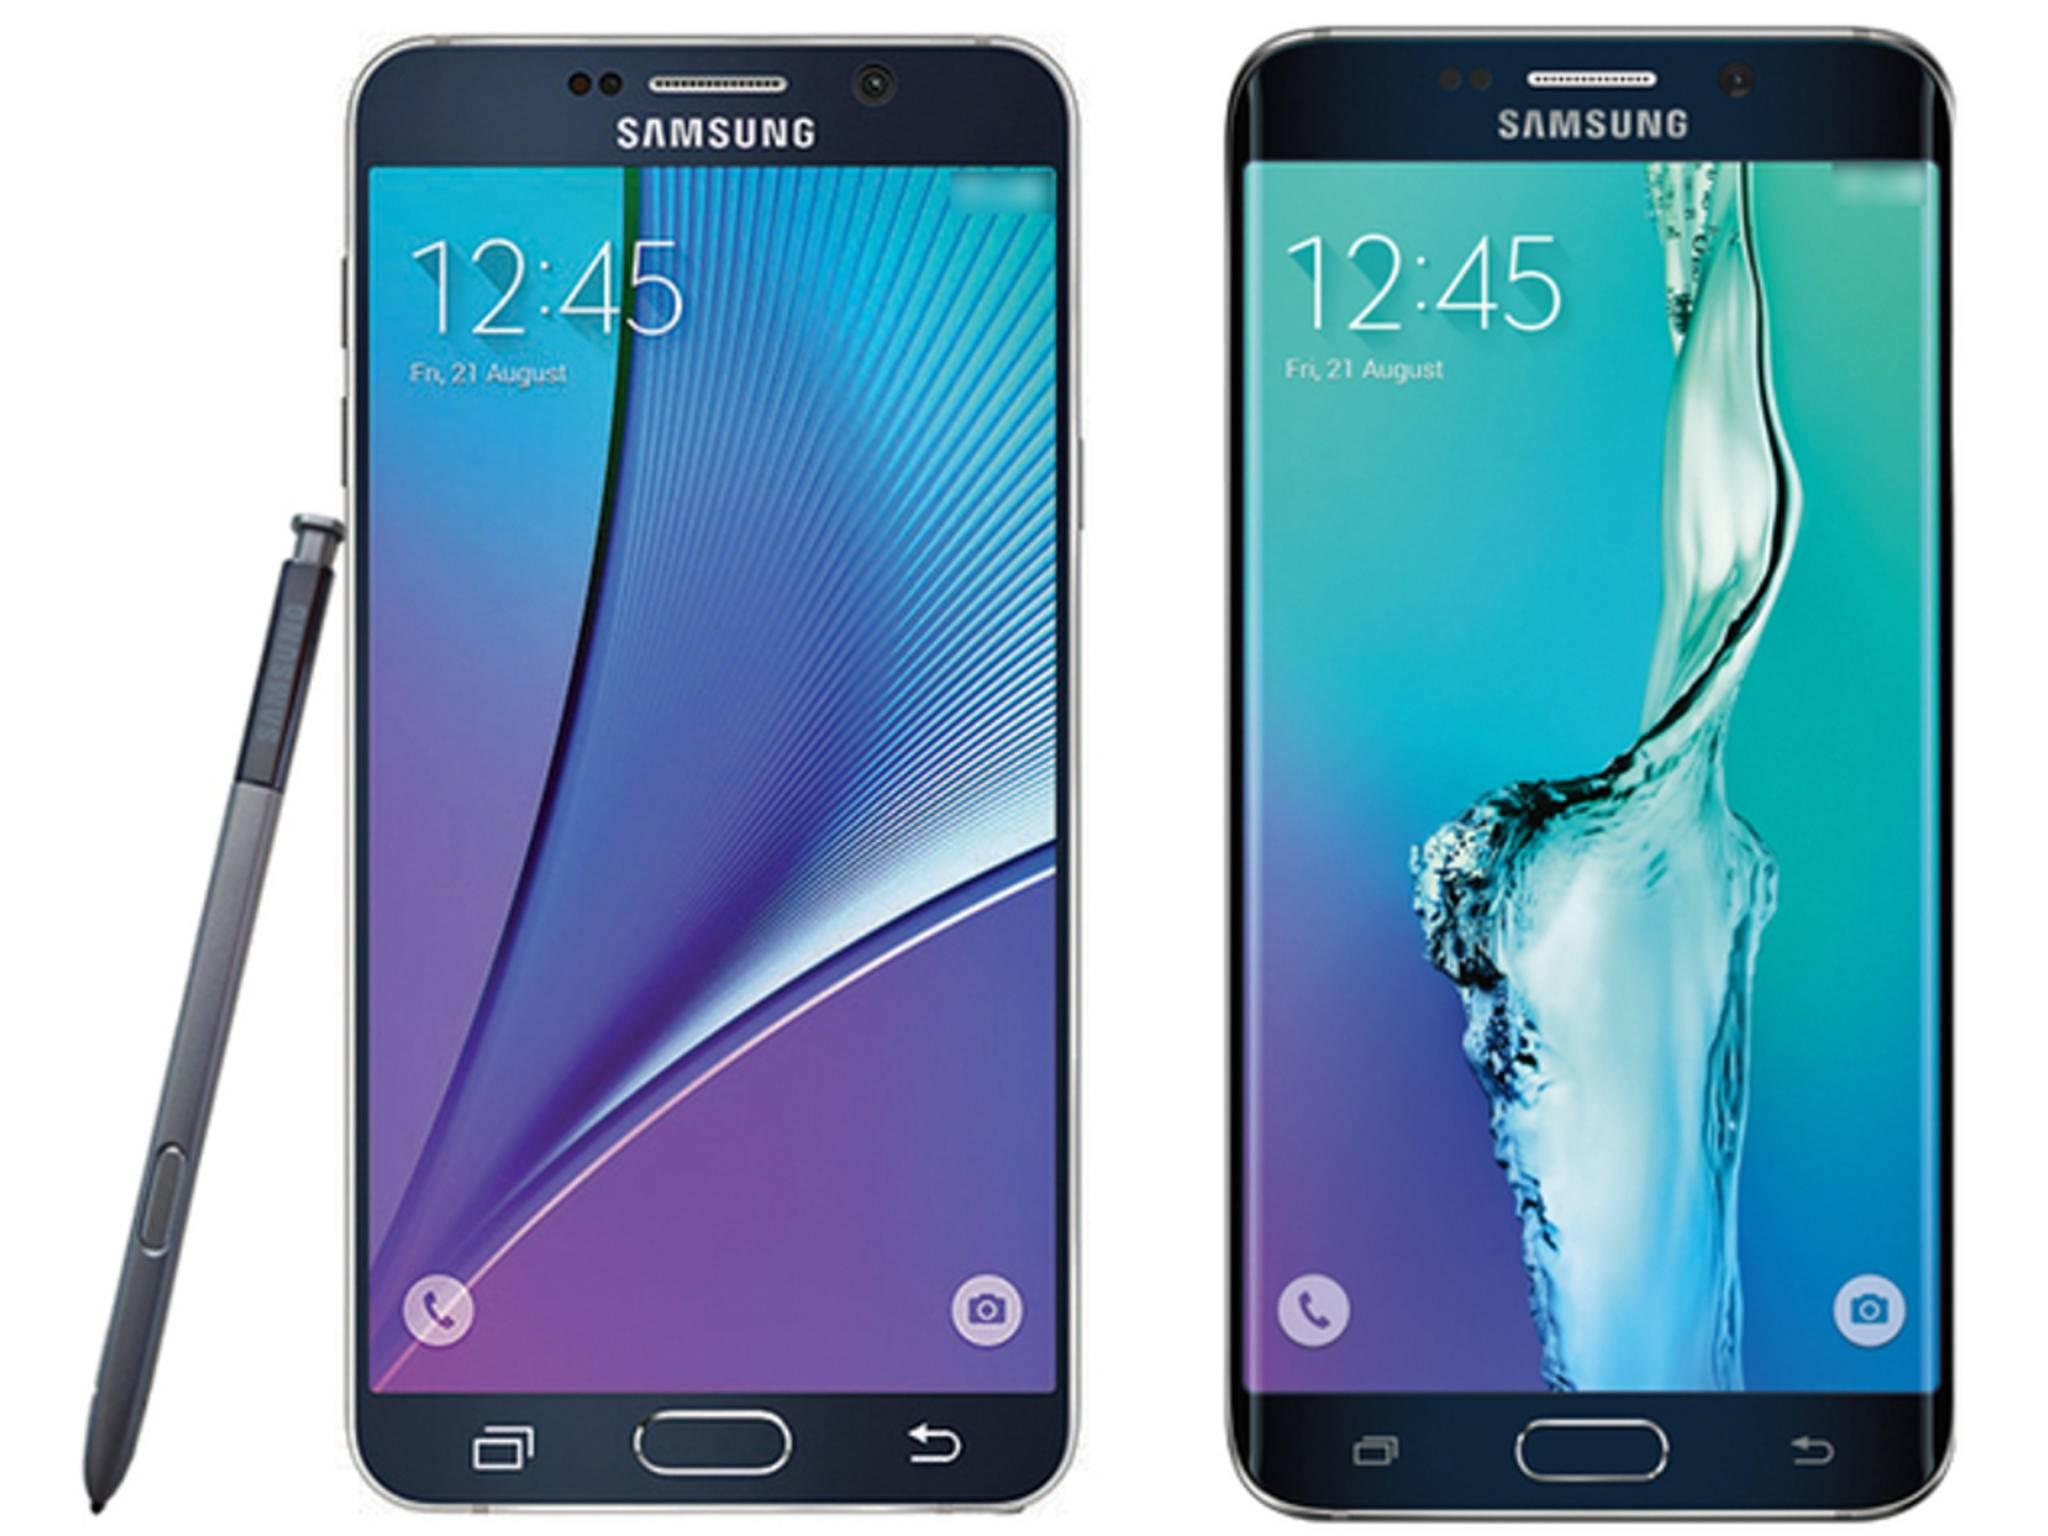 Galaxy Note 5 und Galaxy S6 Edge+